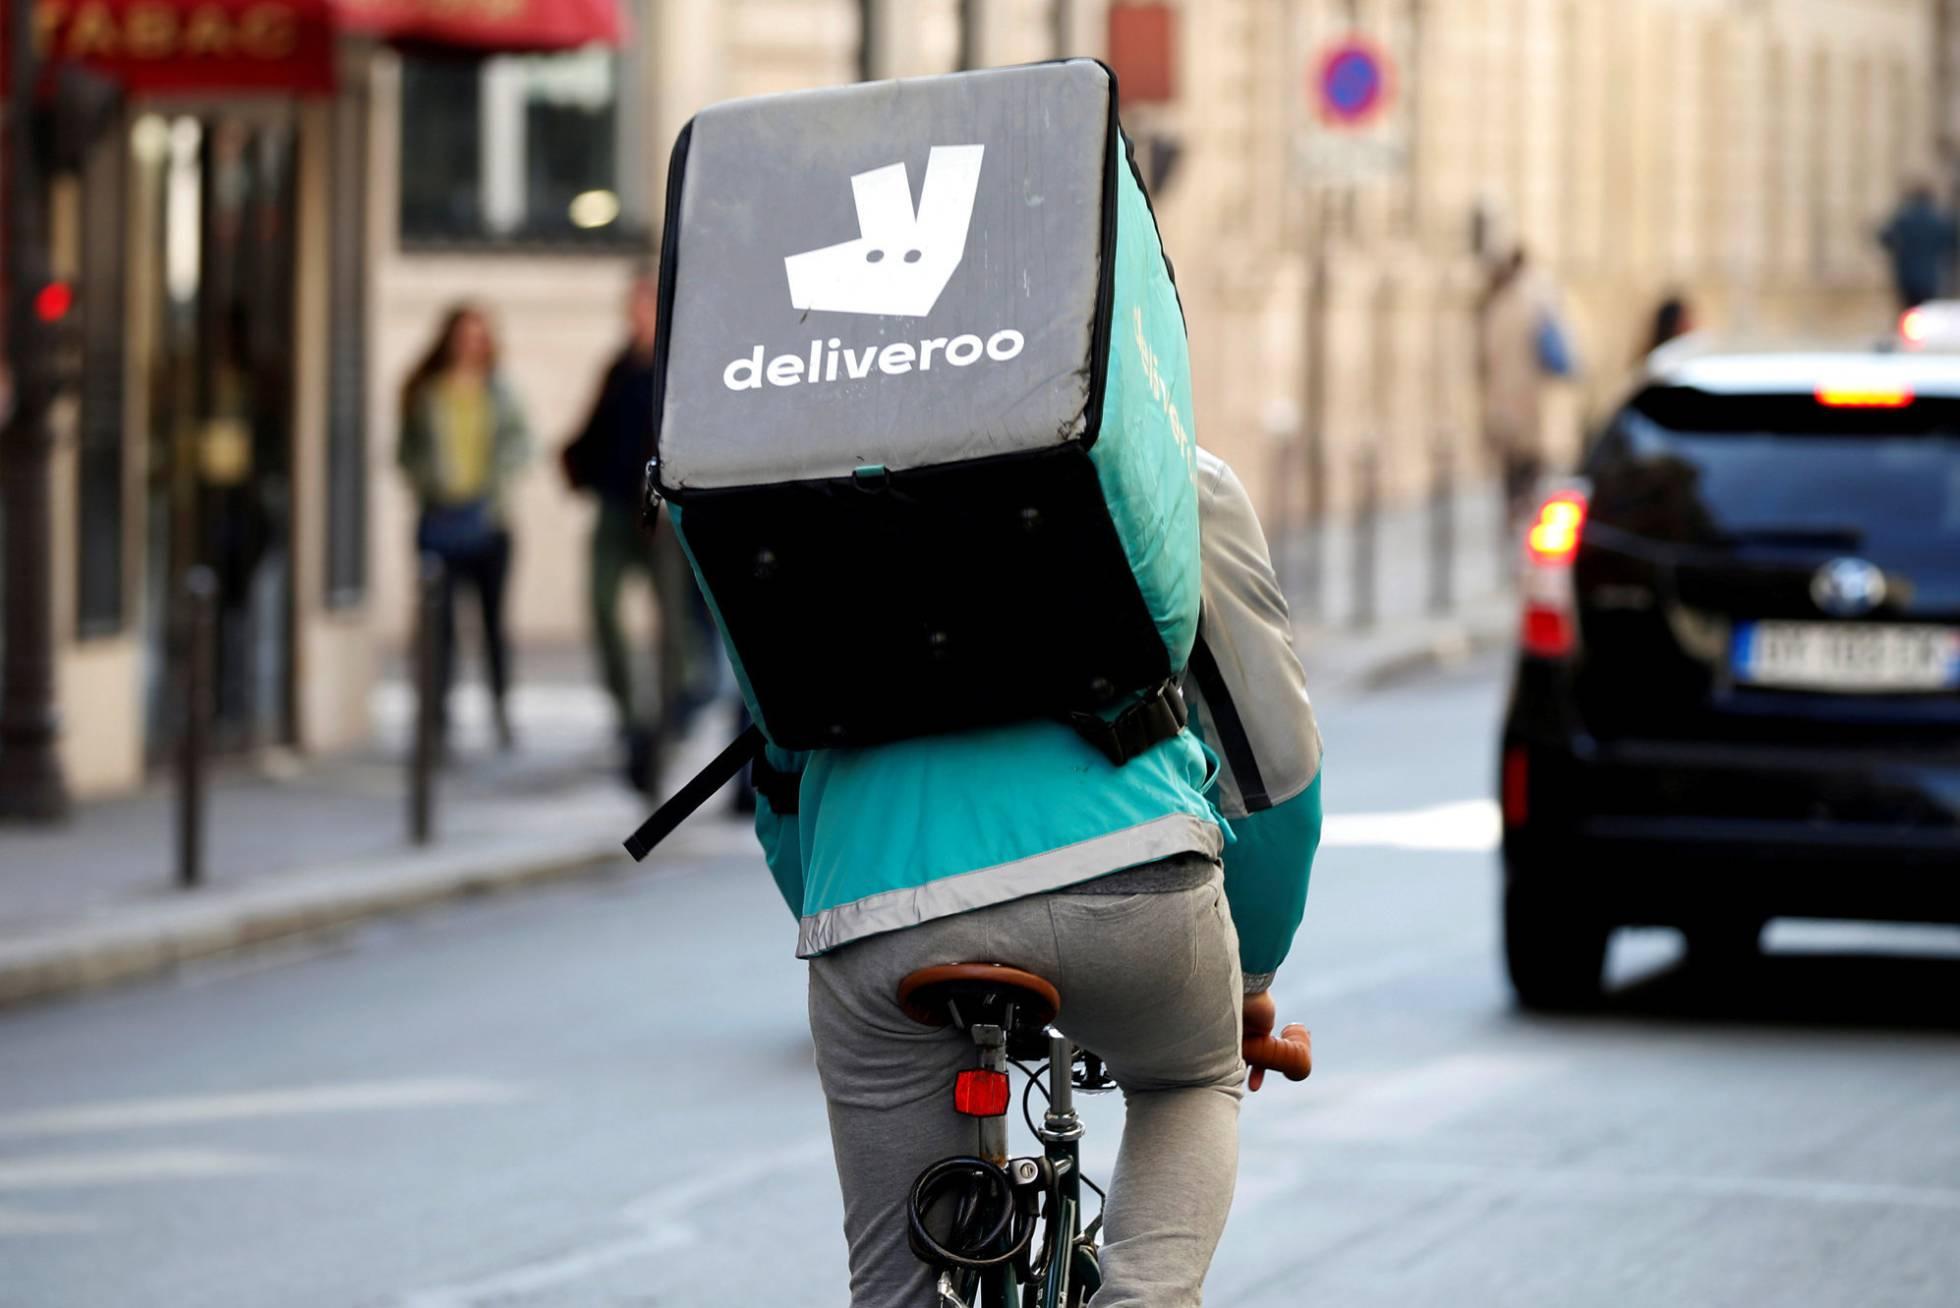 La Inspección de Trabajo reclama a Deliveroo 1,3 millones de euros por sus falsos autónomos en Barcelona